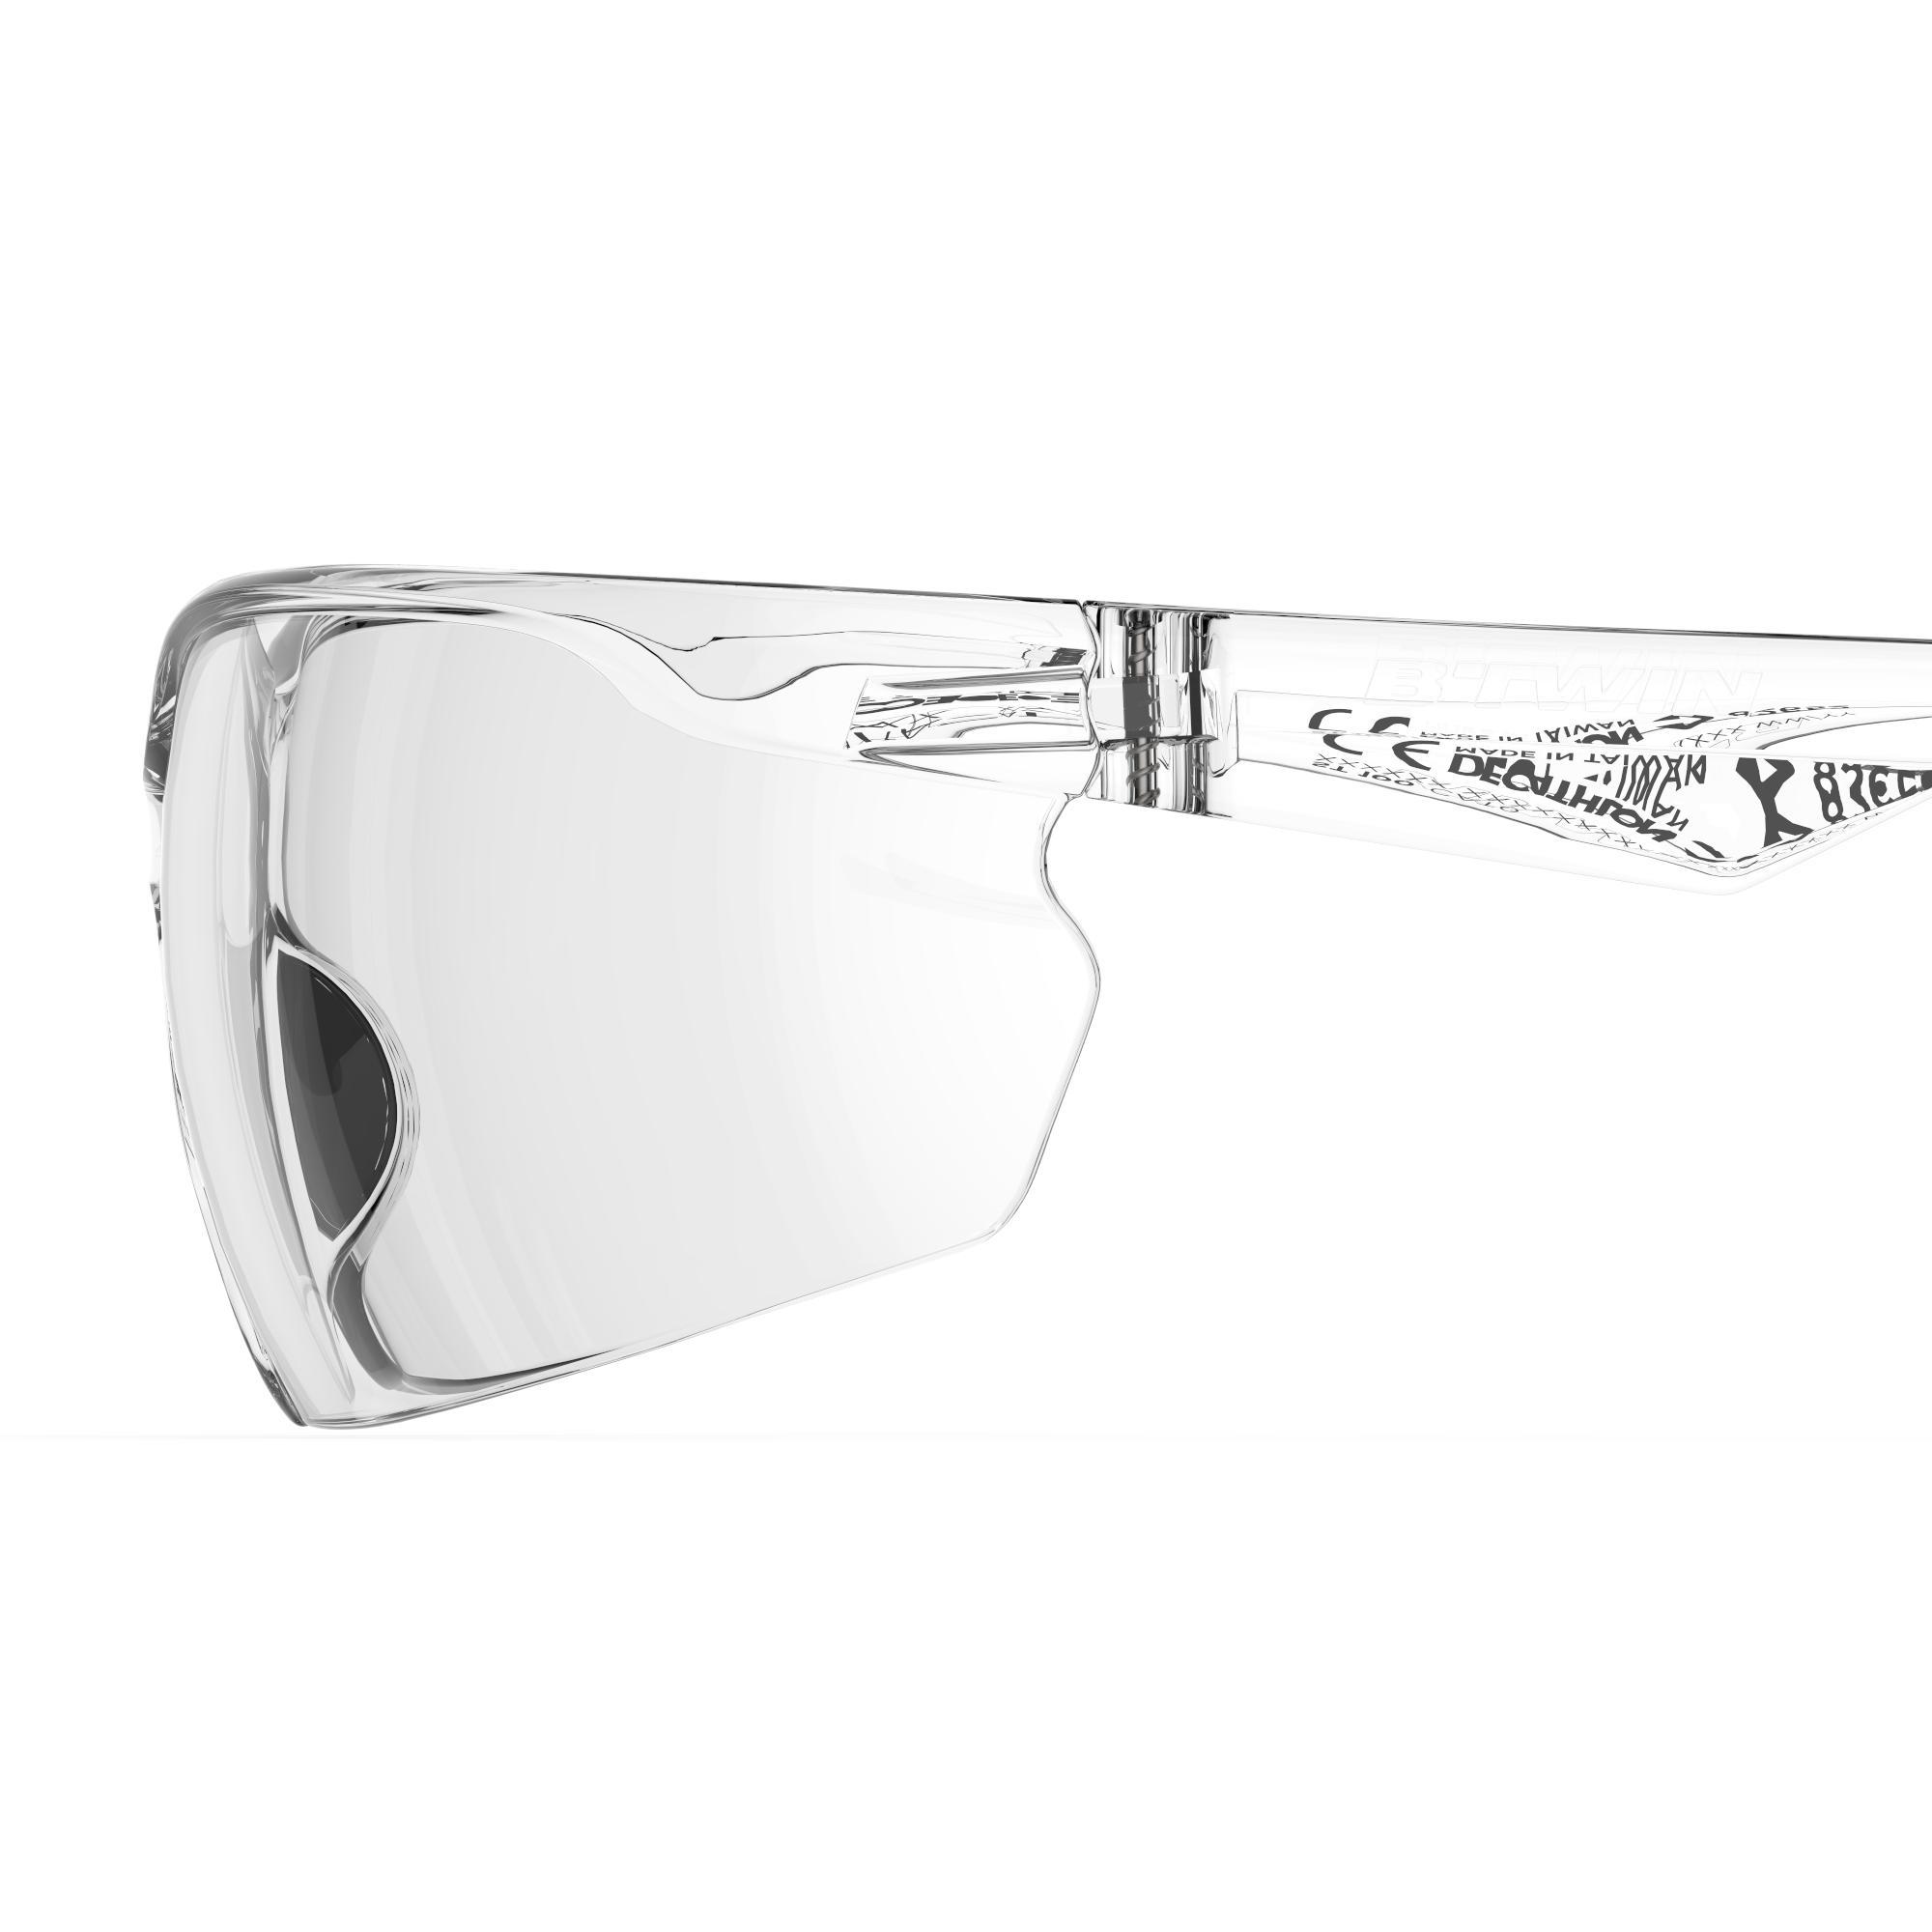 Lunettes de VTT adulte ST 100 transparentes catégorie 0